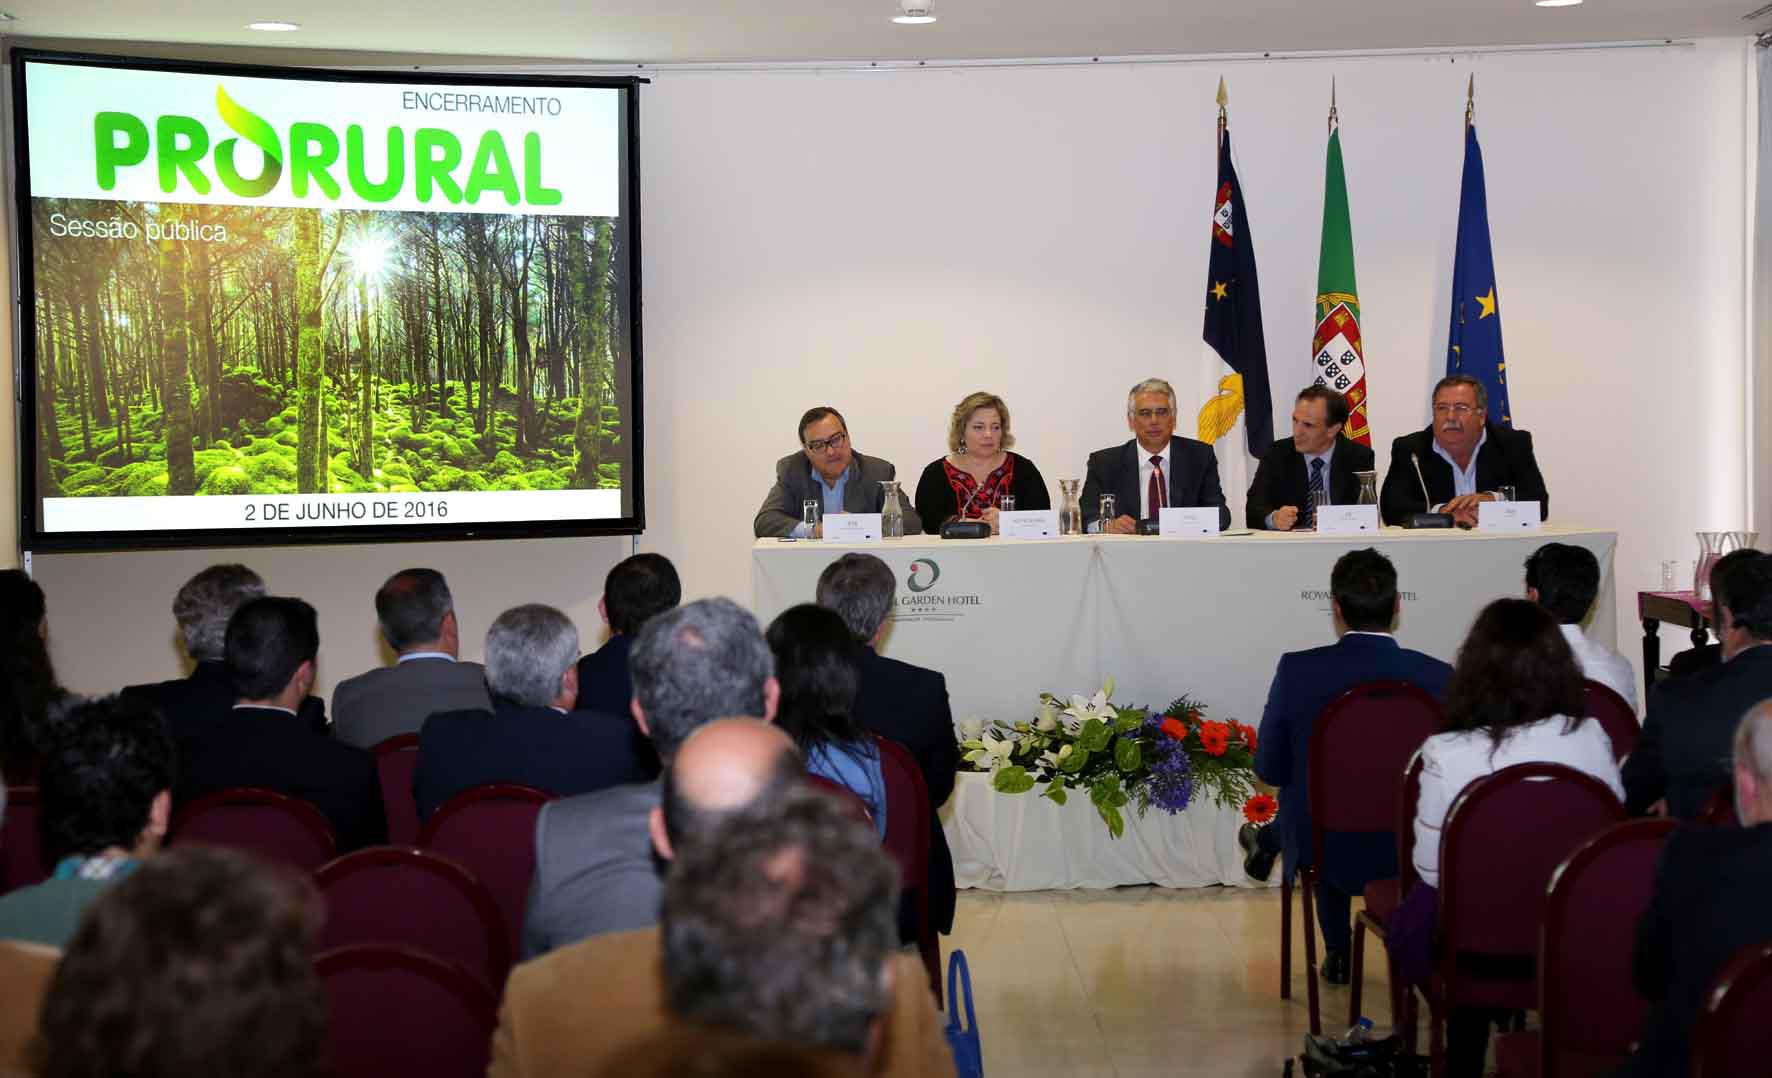 Taxa final de execução do PRORURAL foi de 97,25%, revela Neto Viveiros